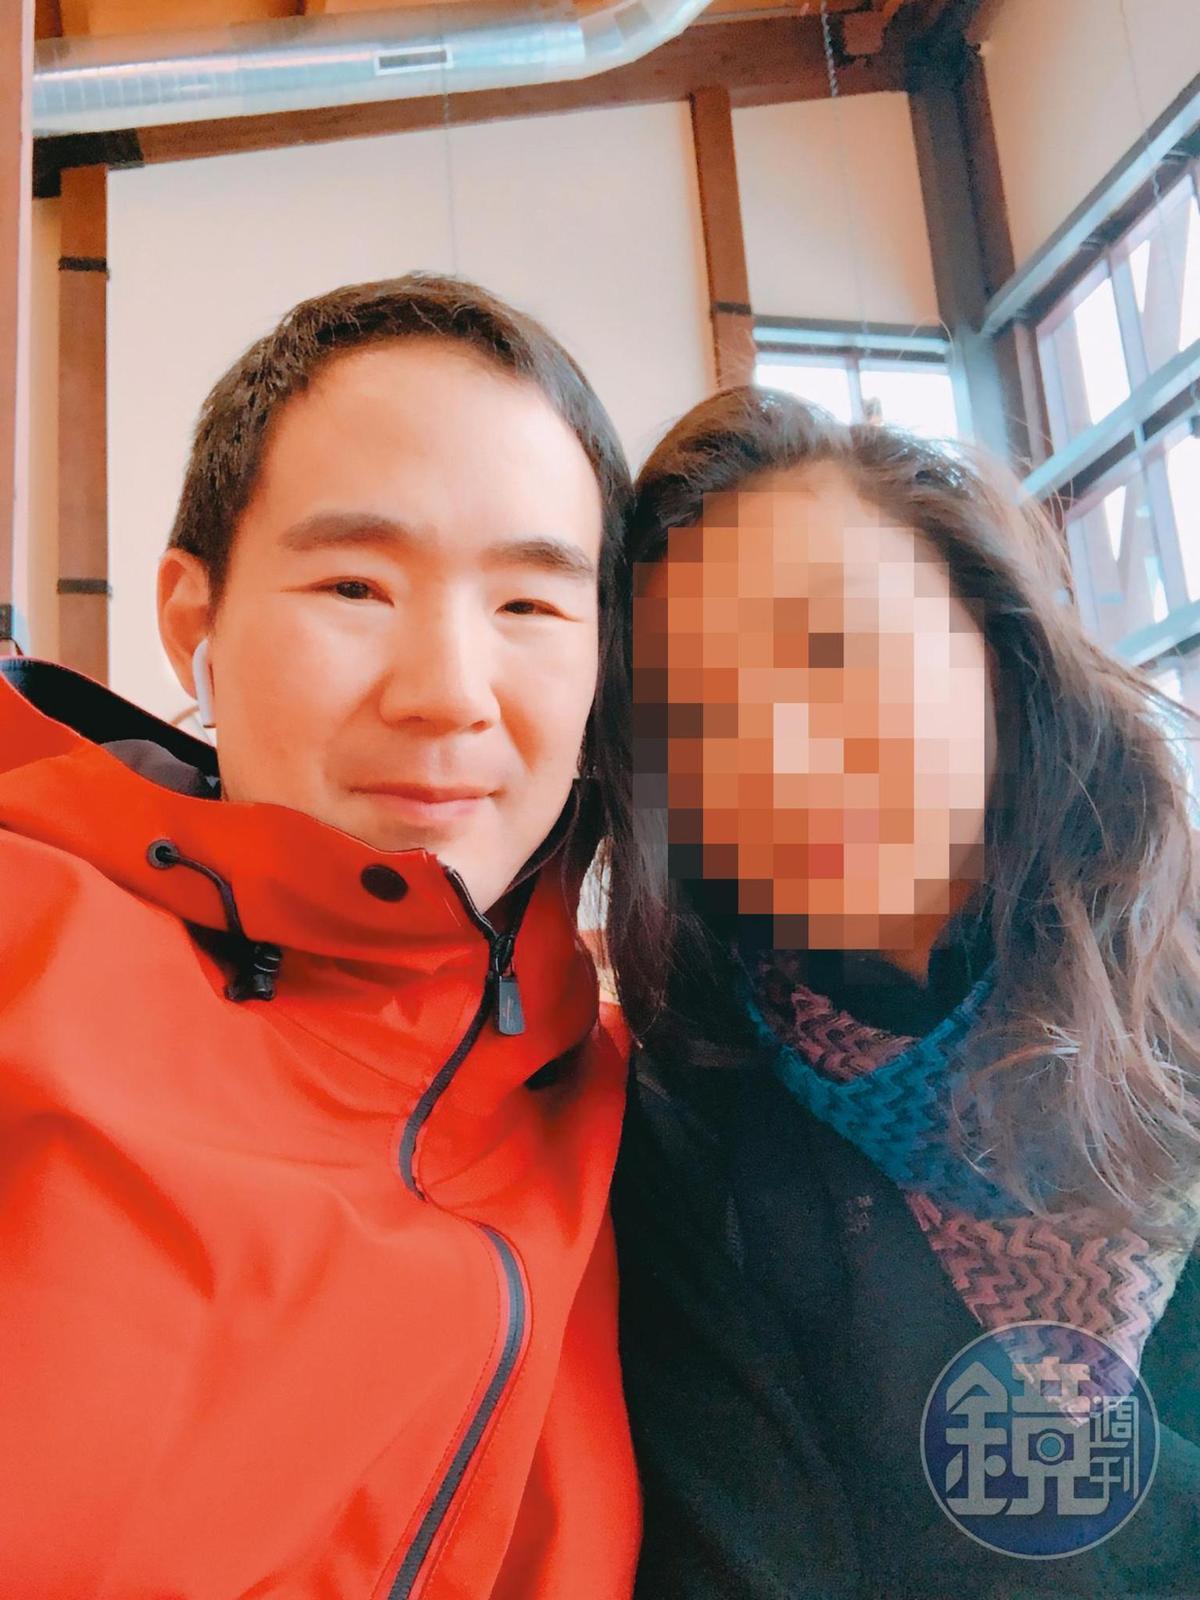 在美國擔任醫事人員的M小姐(右)指控,陳翰洋(左)偽裝單身與她交往。(讀者提供)